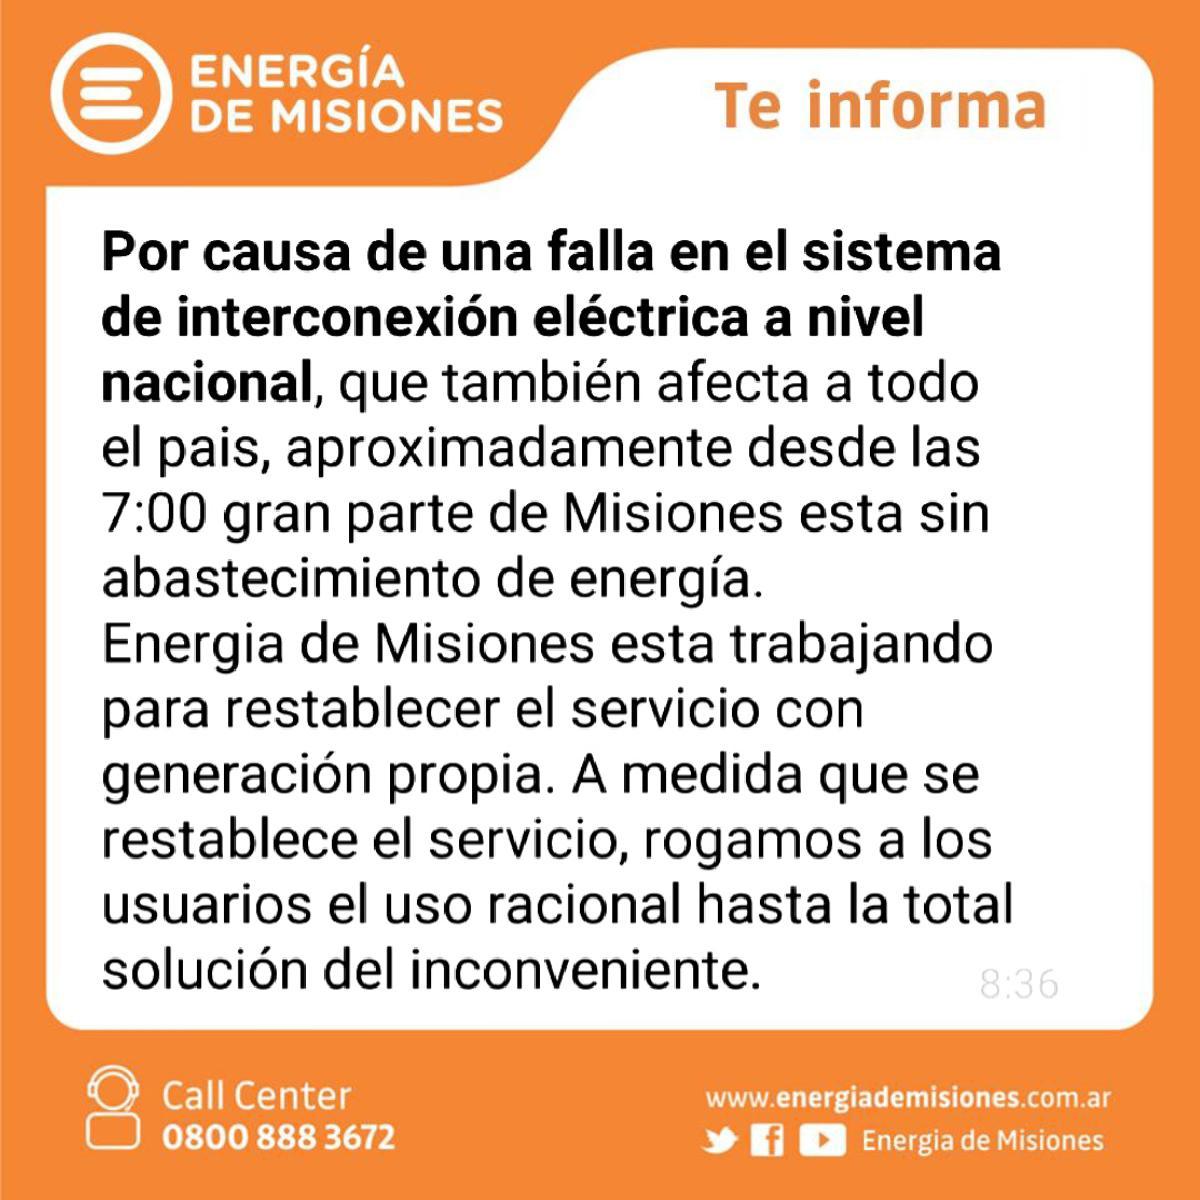 Apagón: Energía de Misiones informa que trabaja para restablecer el servicio con generación de energía propia